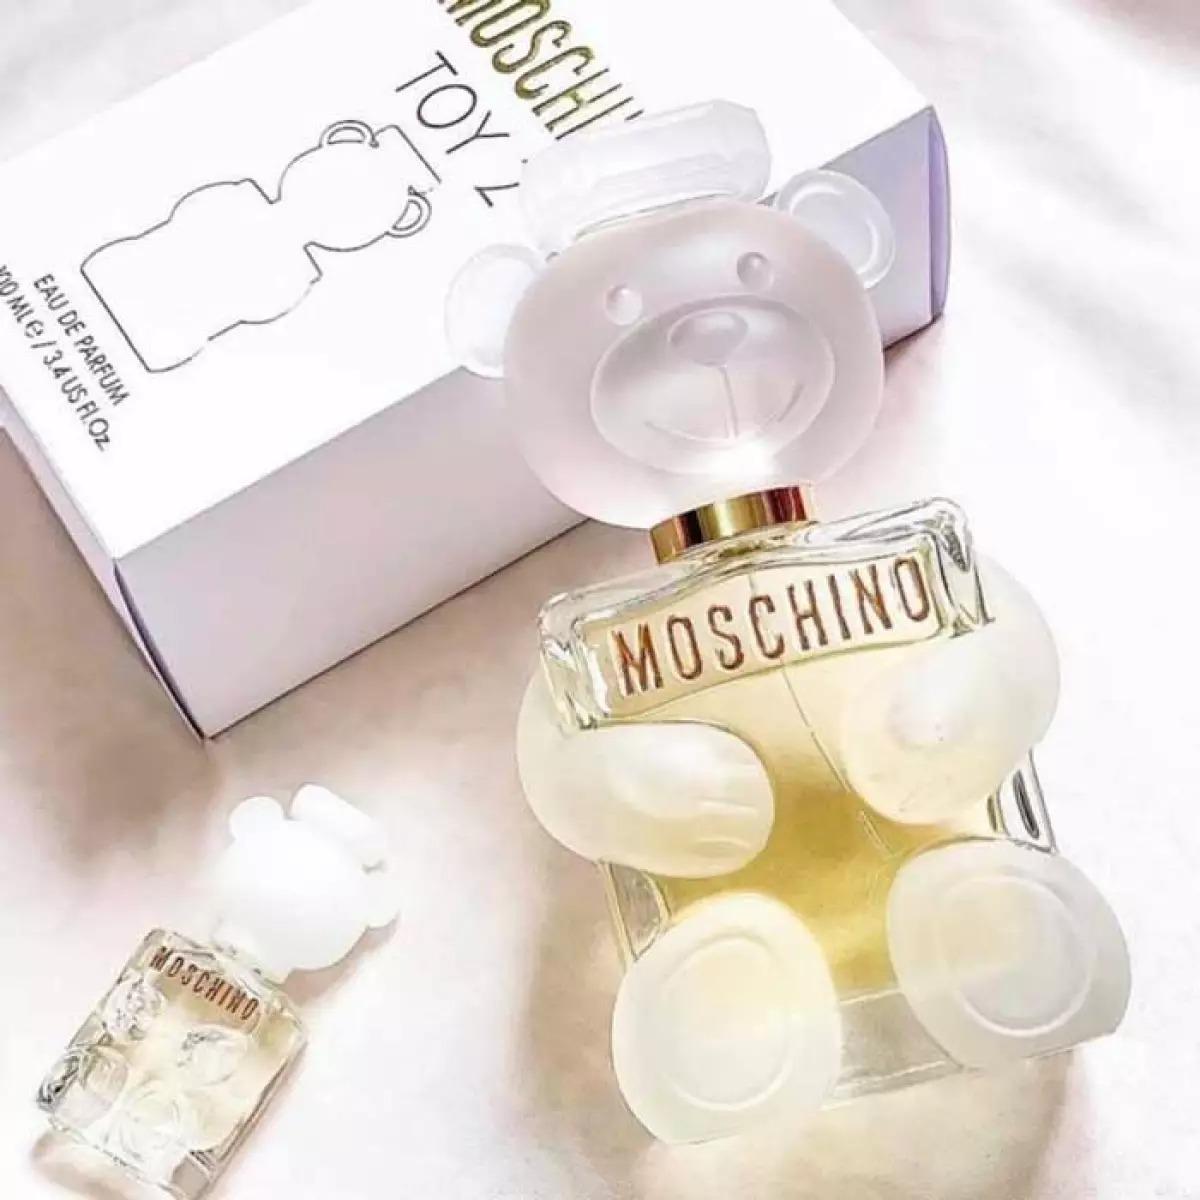 6 chai nước hoa dưới 2 triệu mùi cực nịnh mũi, vỏ lại xinh đem đi tặng 8/3 thì chuẩn đét - ảnh 16